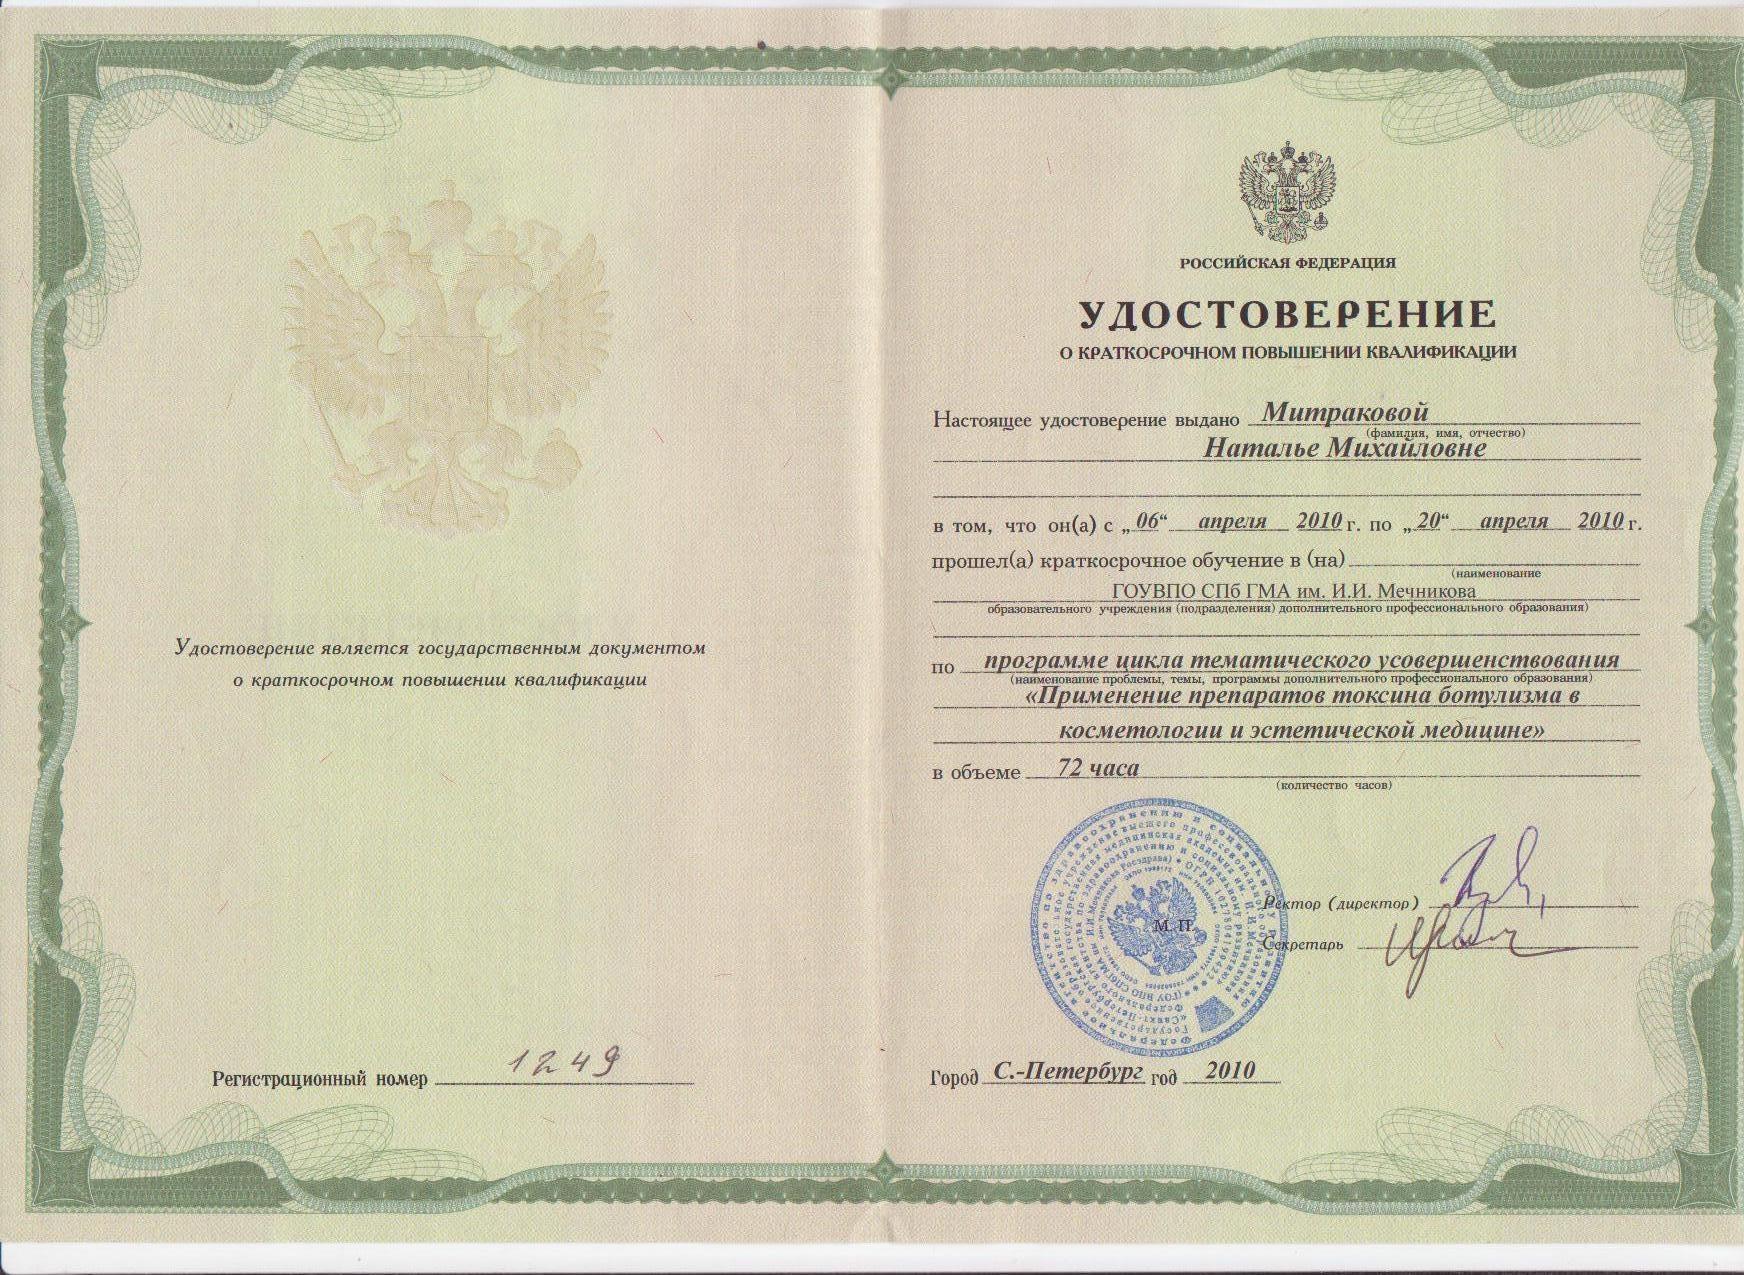 Москвы, ано спб цдпо дистанционные курсы повышения квалификации санкт-петербург соннику